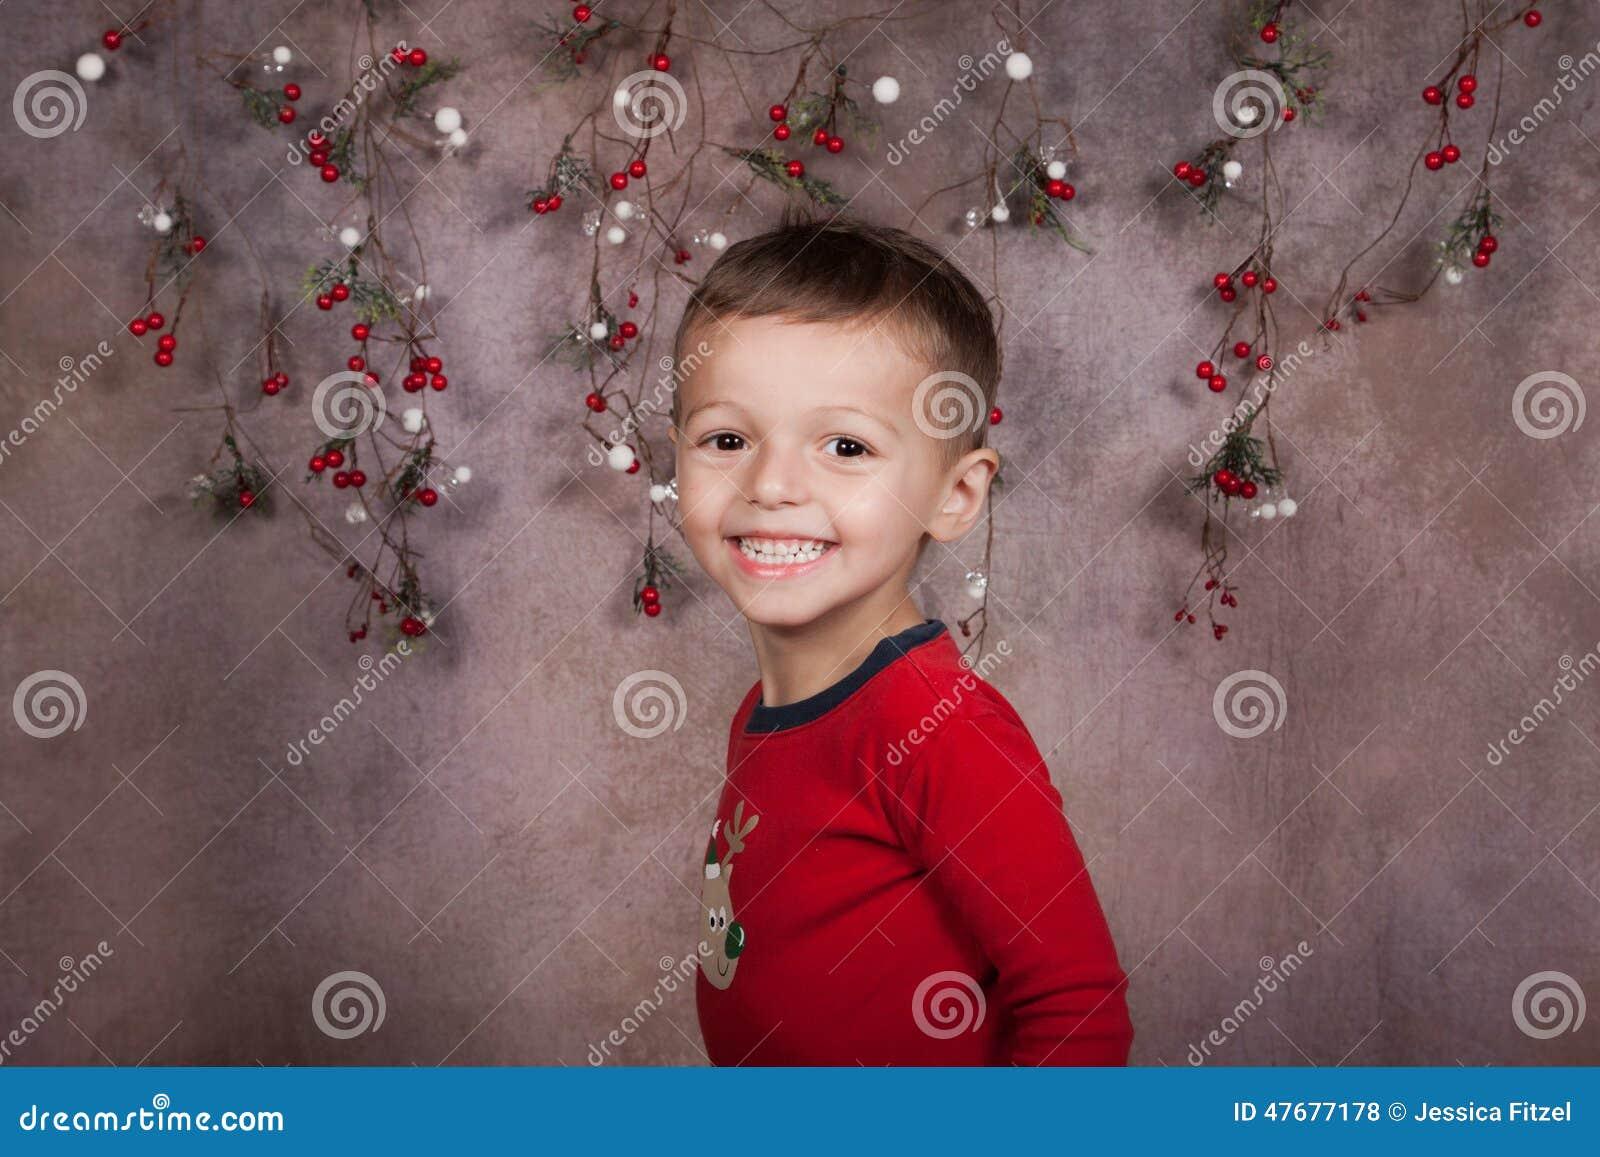 Holiday boy